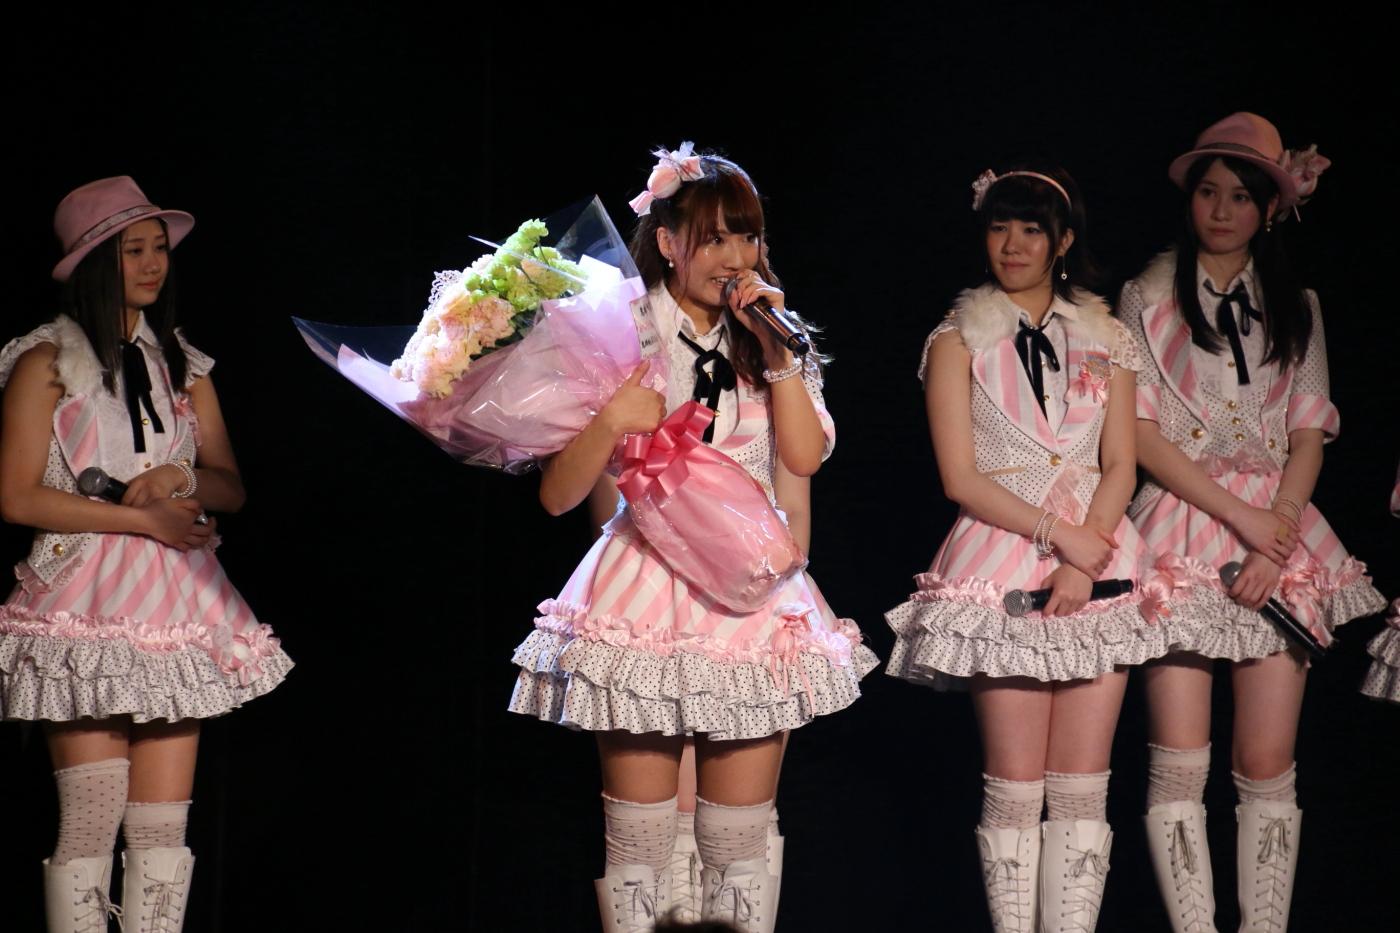 7 3 7.jpg - akbグループのメンバーだった鬼頭桃菜が卒業後にセクシー女優として大活躍している